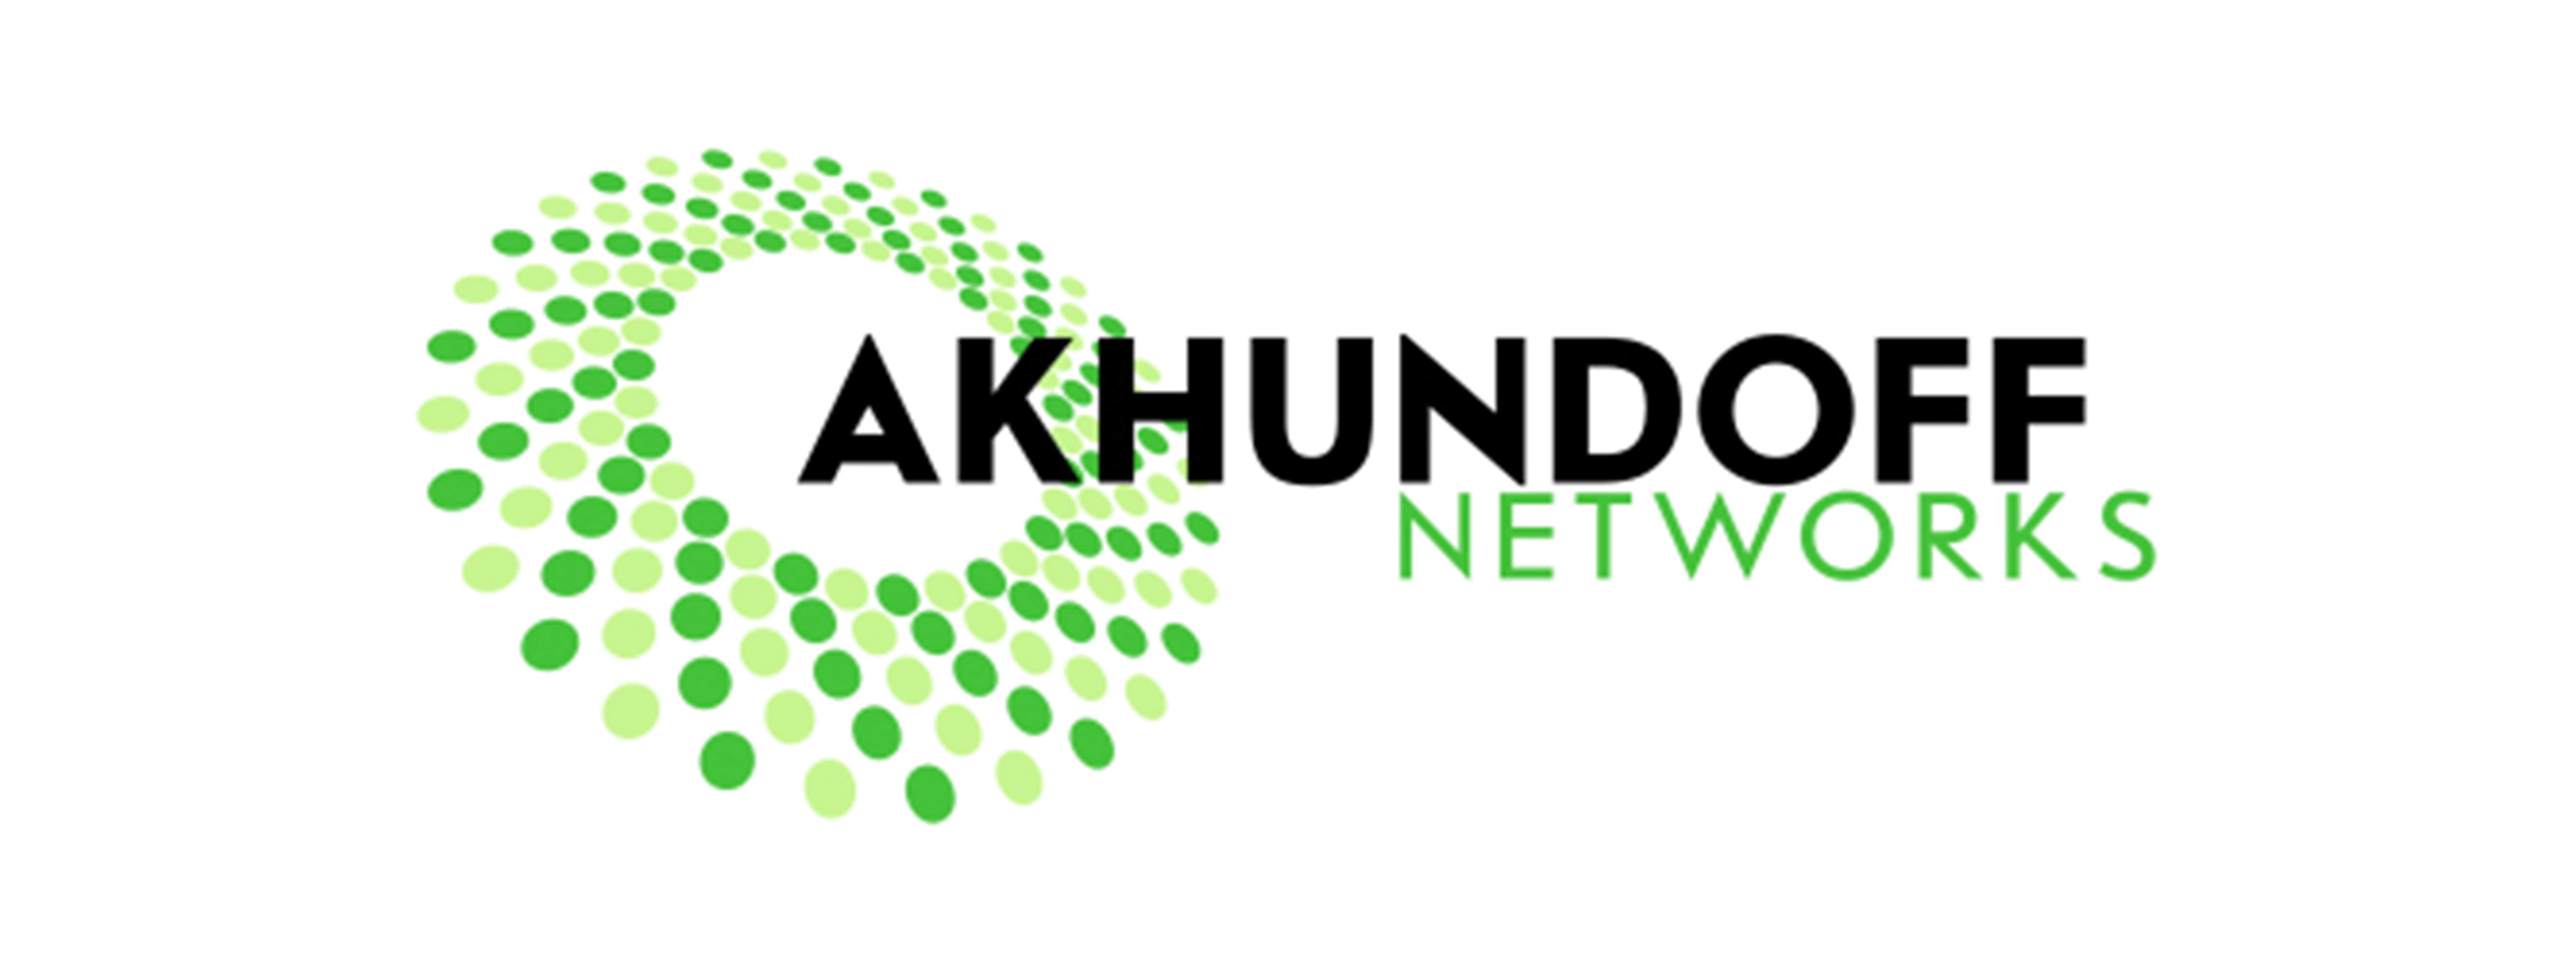 Akhundoff Networks